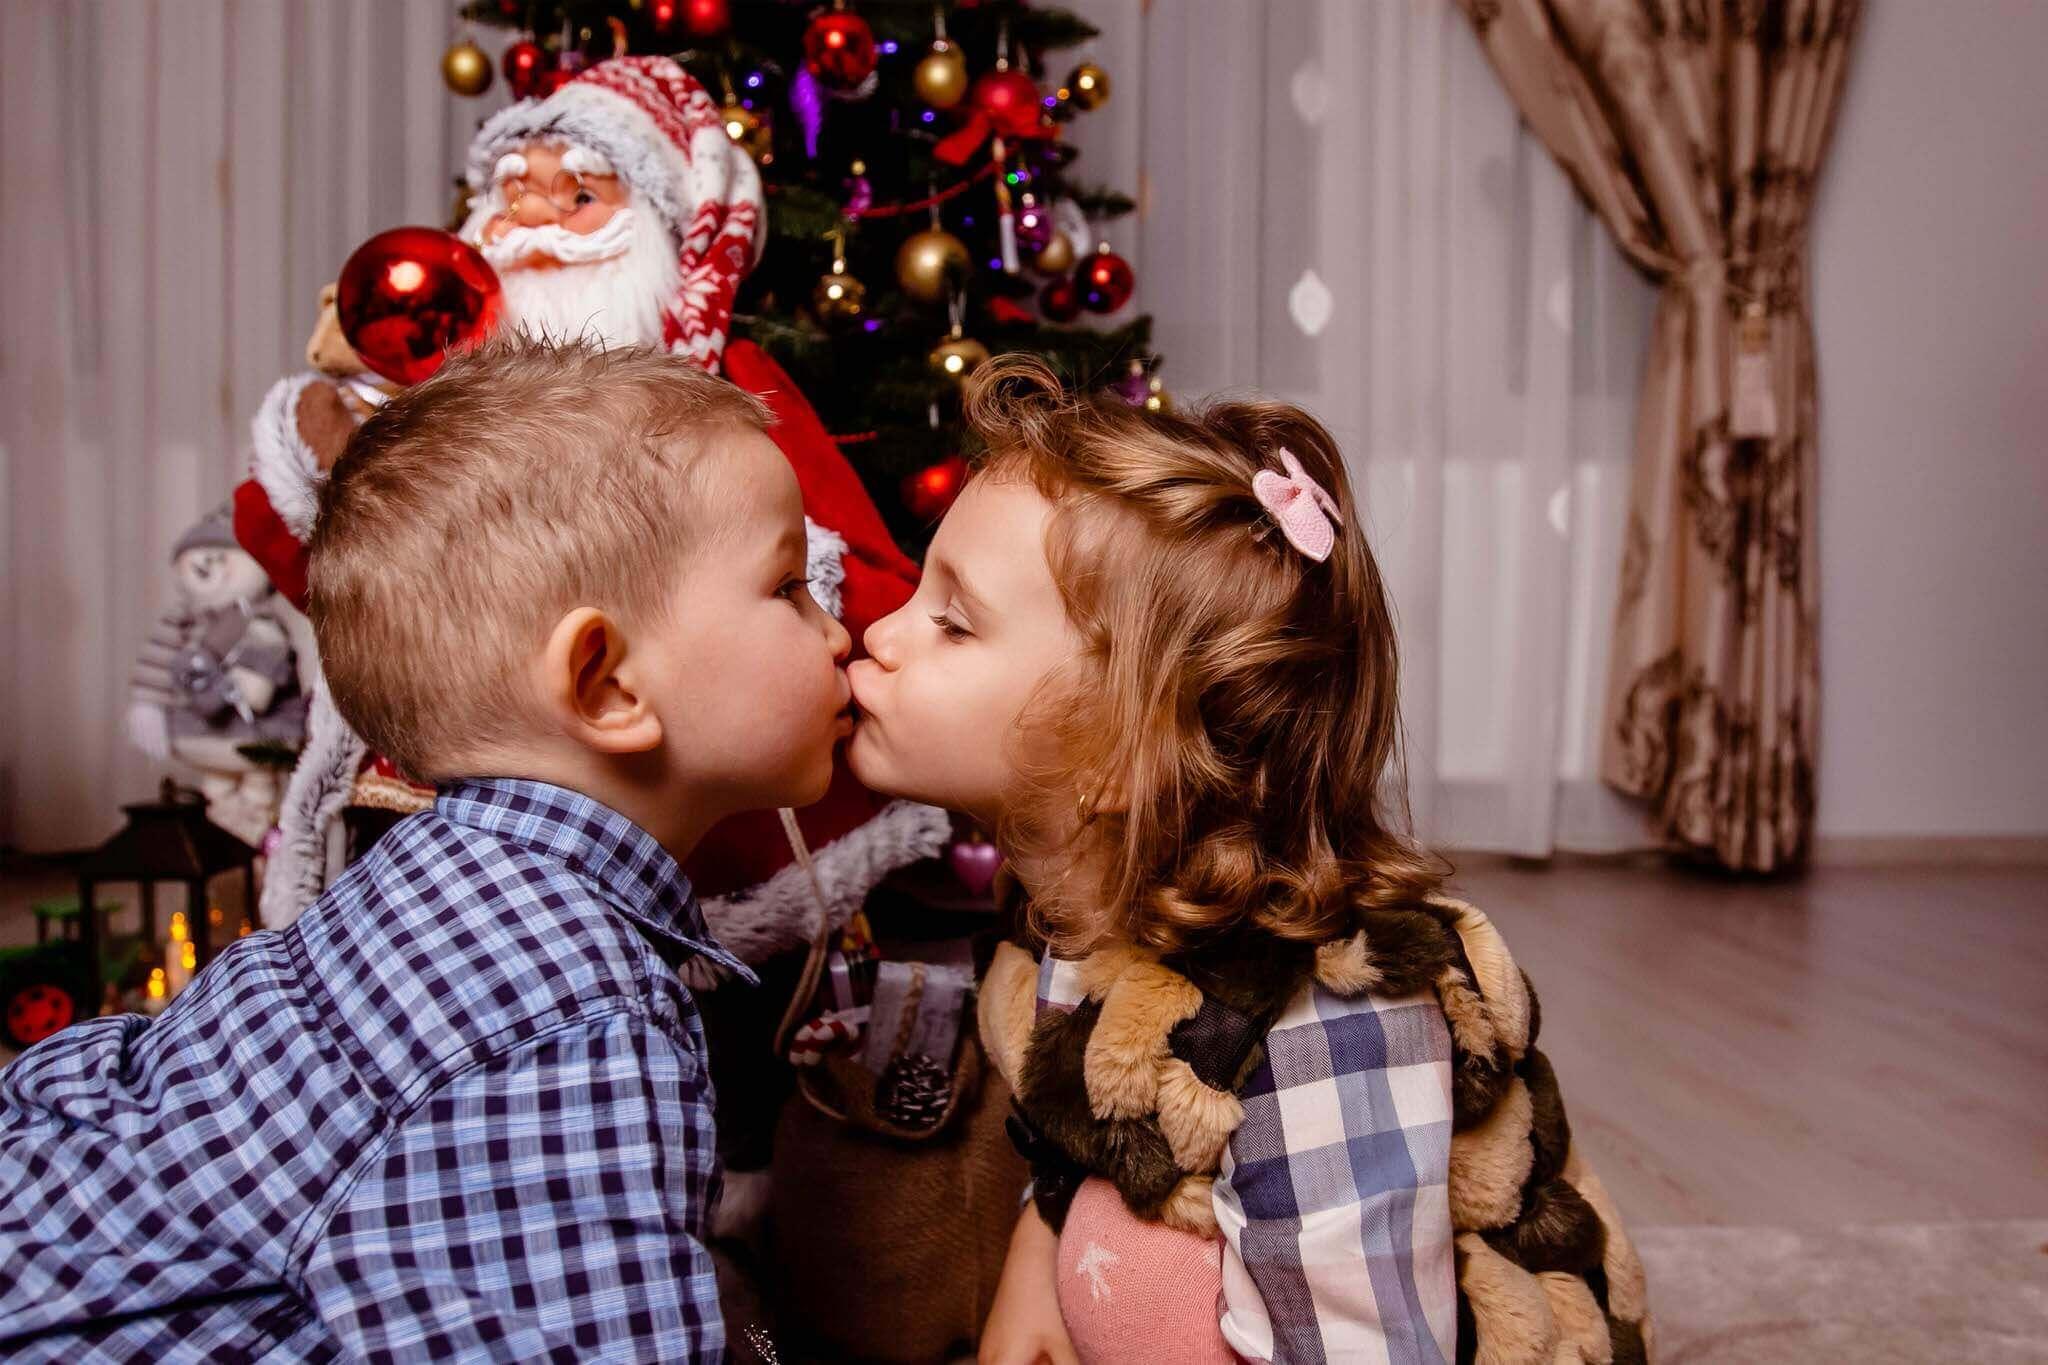 ședință foto de Crăciun